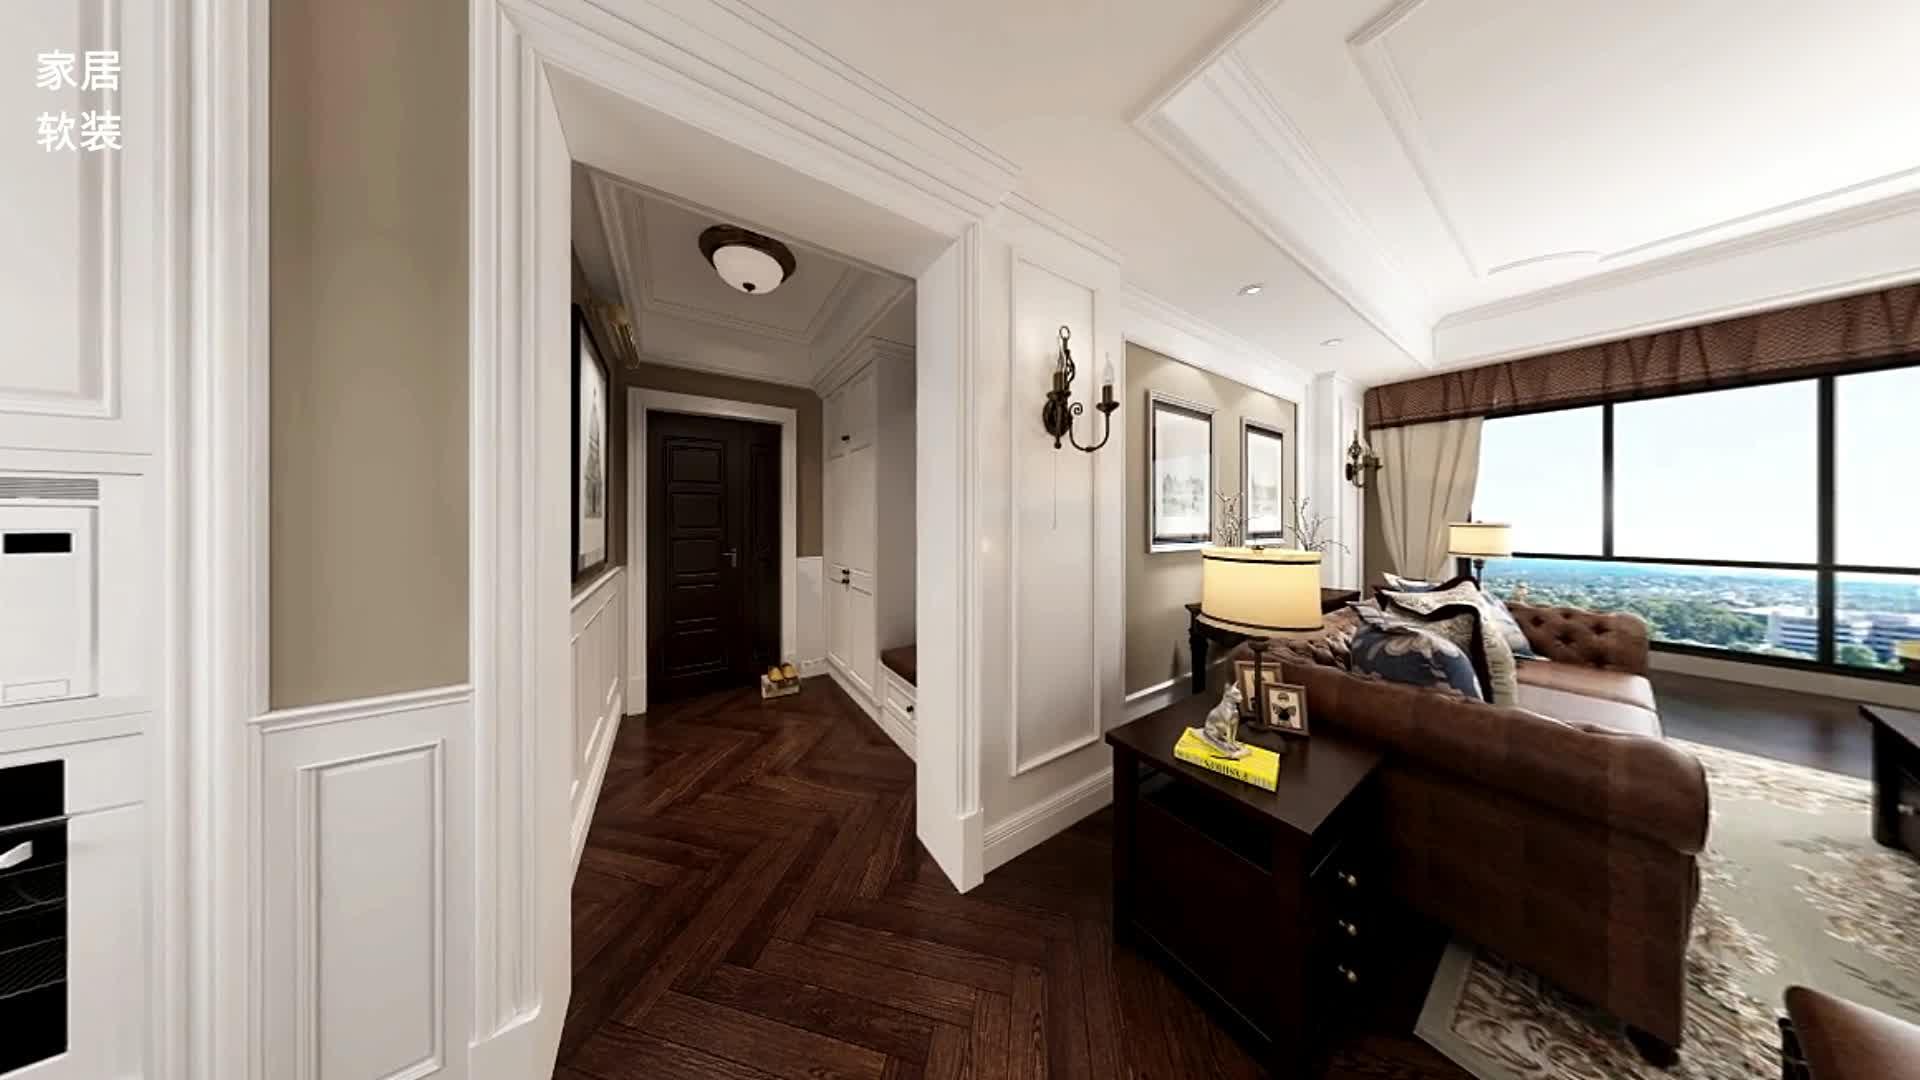 126平米简美风新房,餐厅卡座、开放式厨房,入户鞋柜超实用!